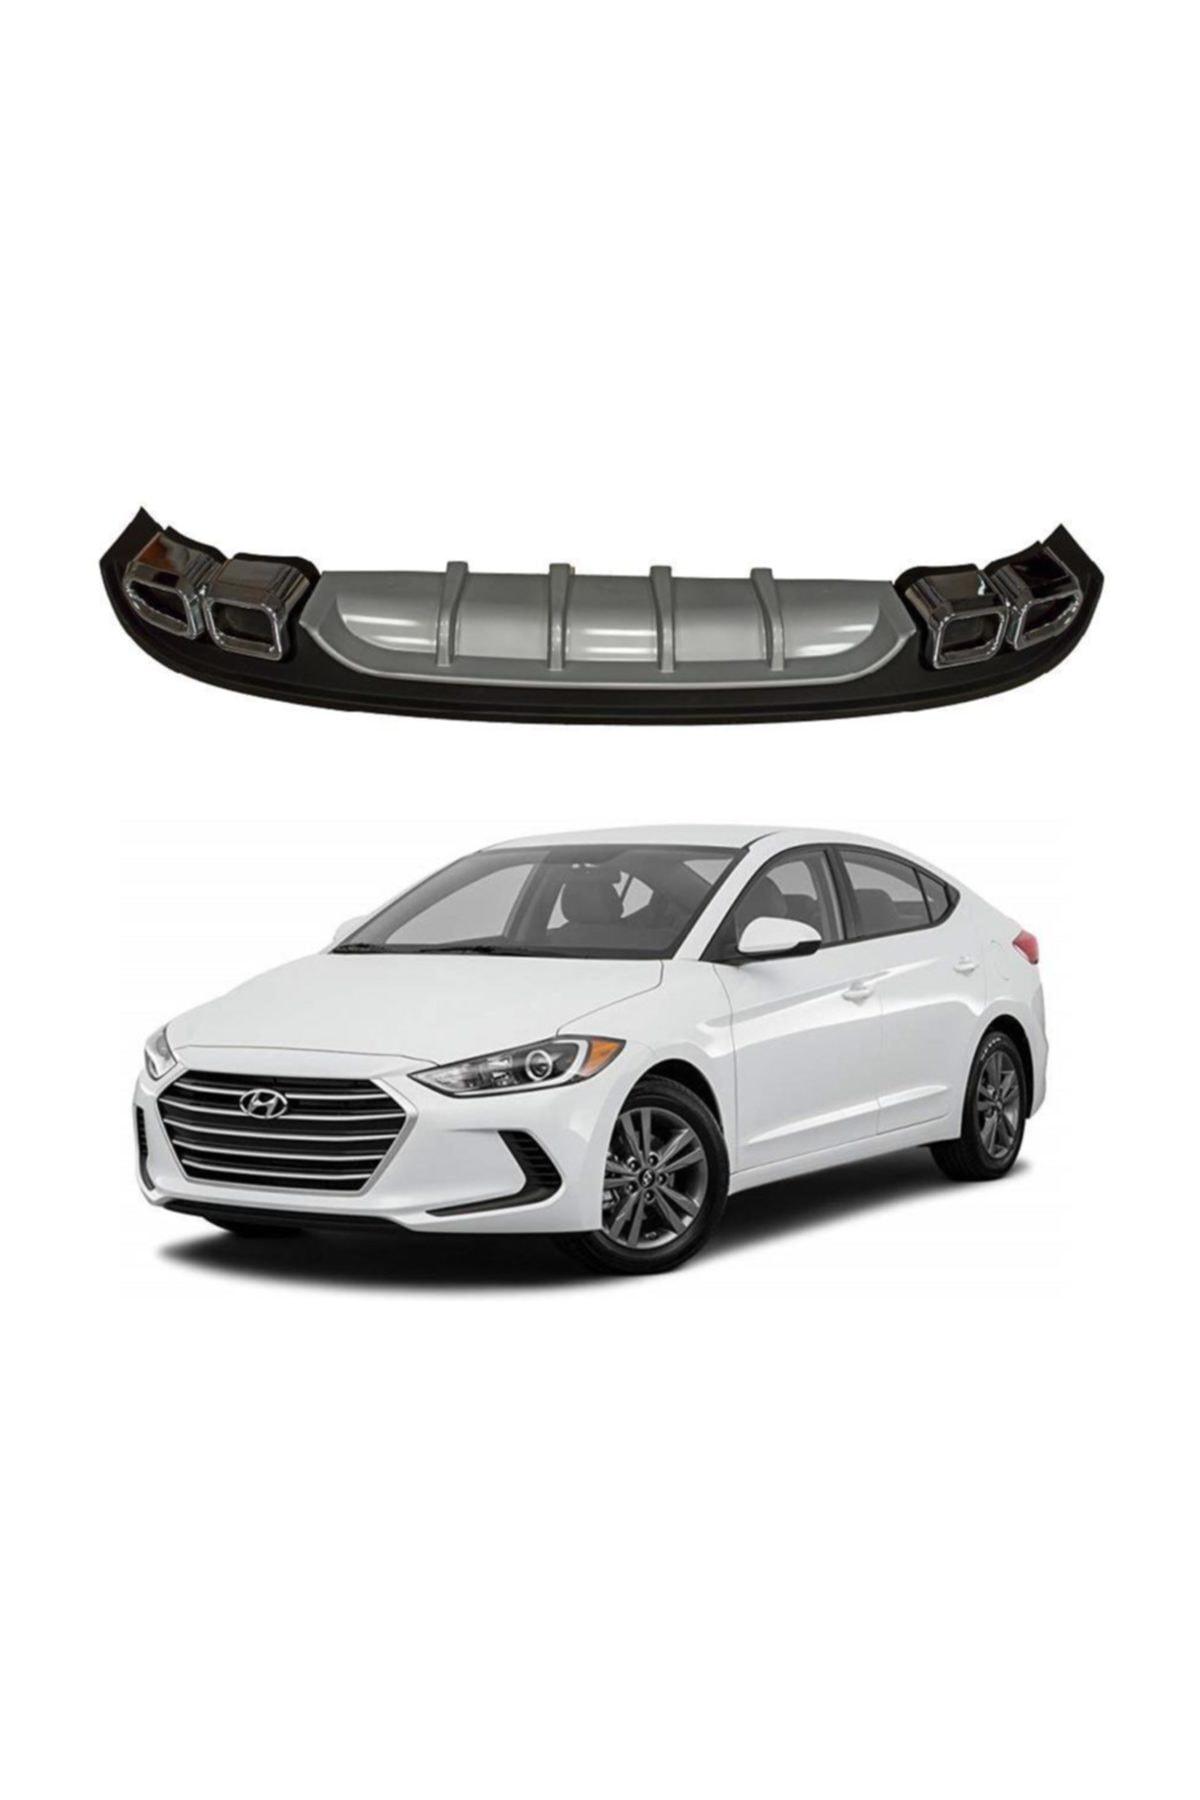 Hyundai ELANTRA 2017+ 4 ÇIKIŞLI DİFÜZÖR 1